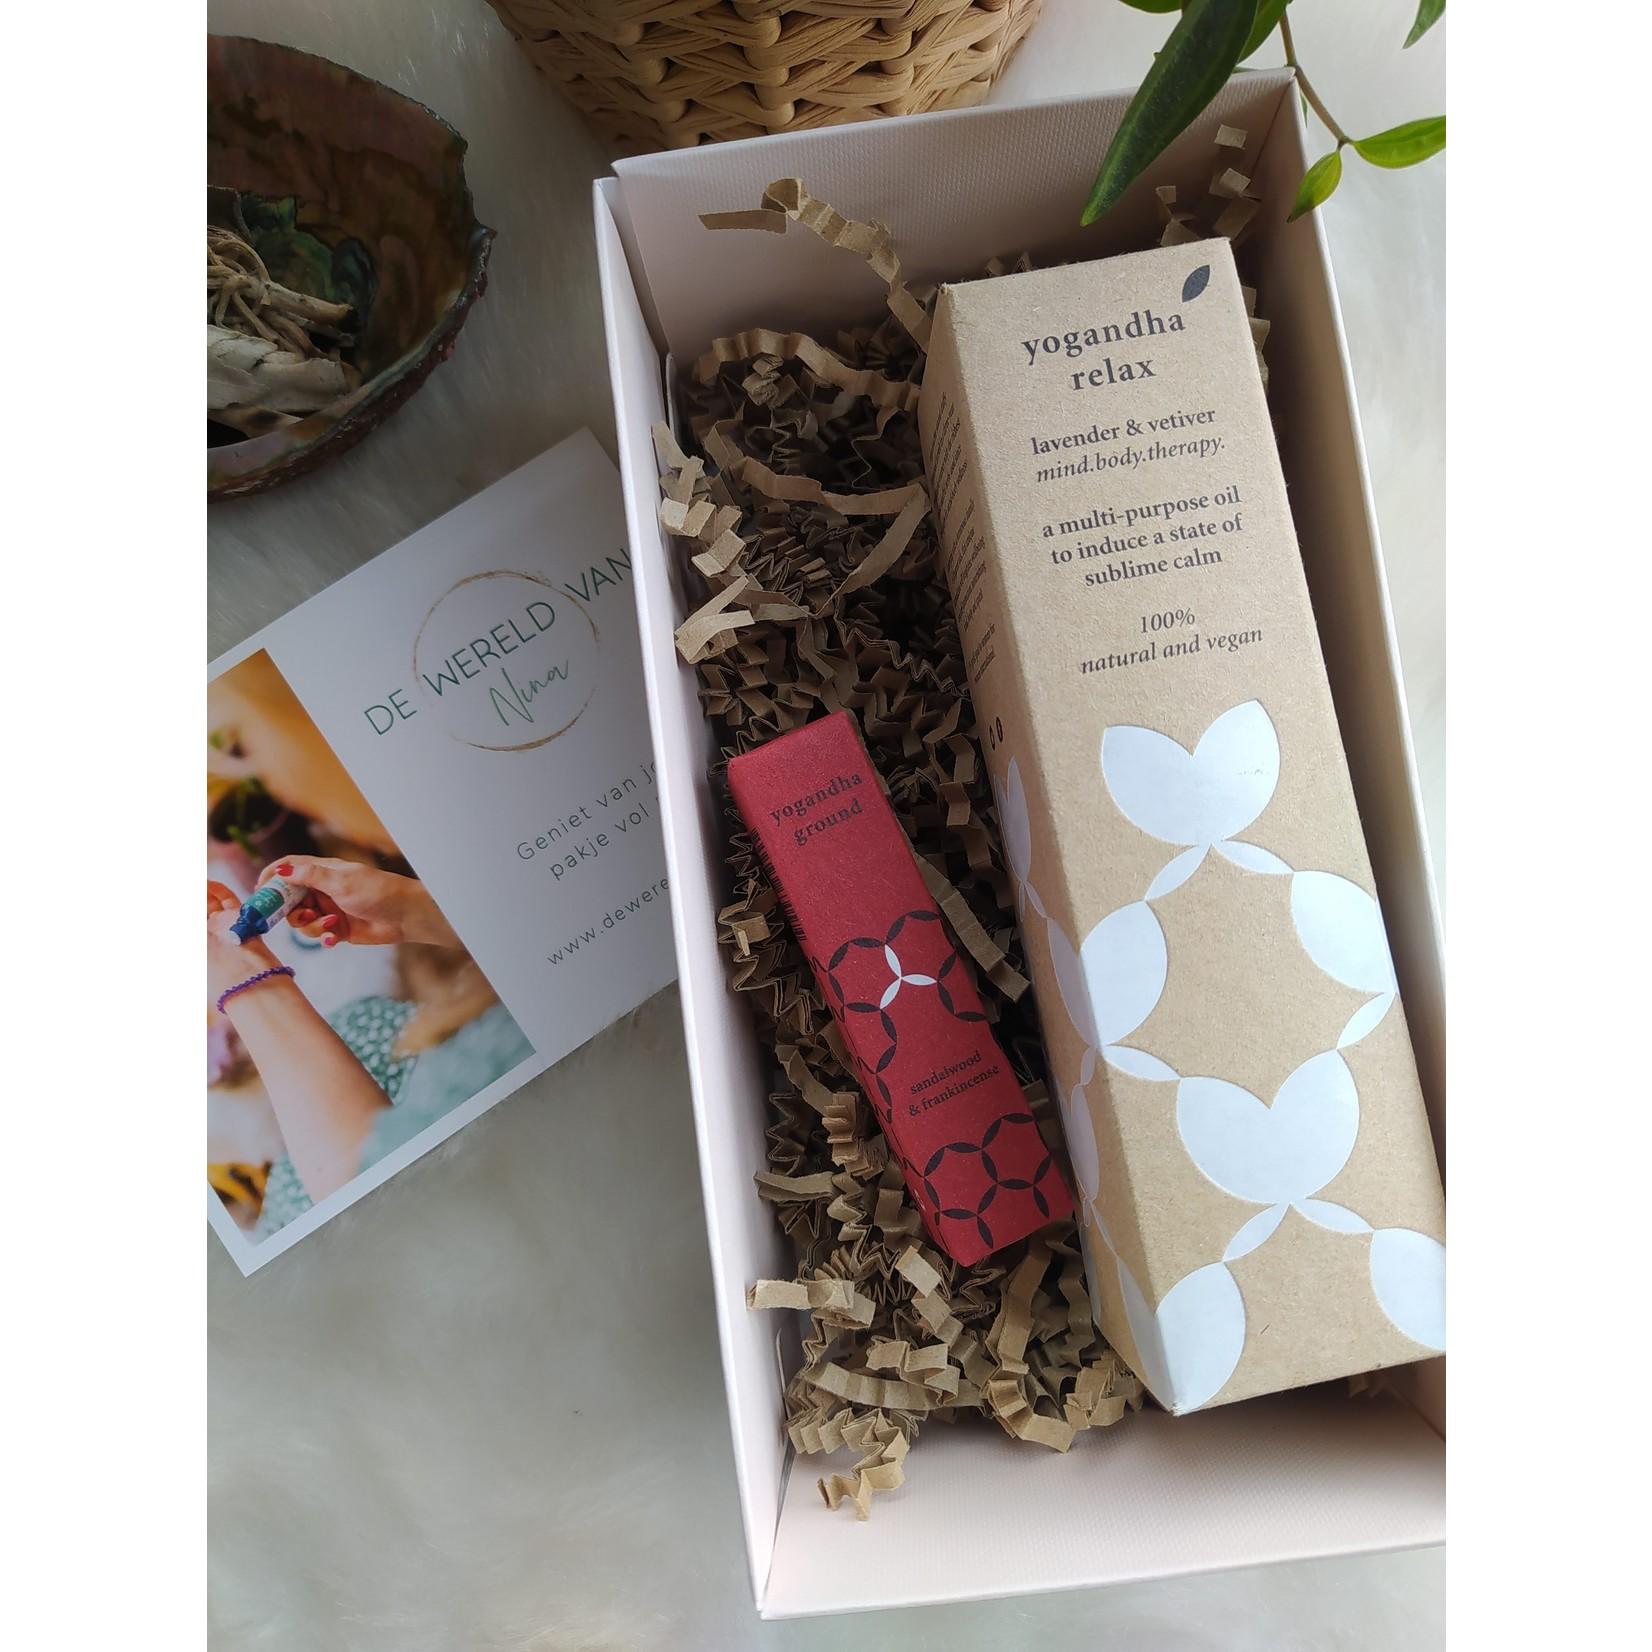 Gift box - Yogandha ground & relax